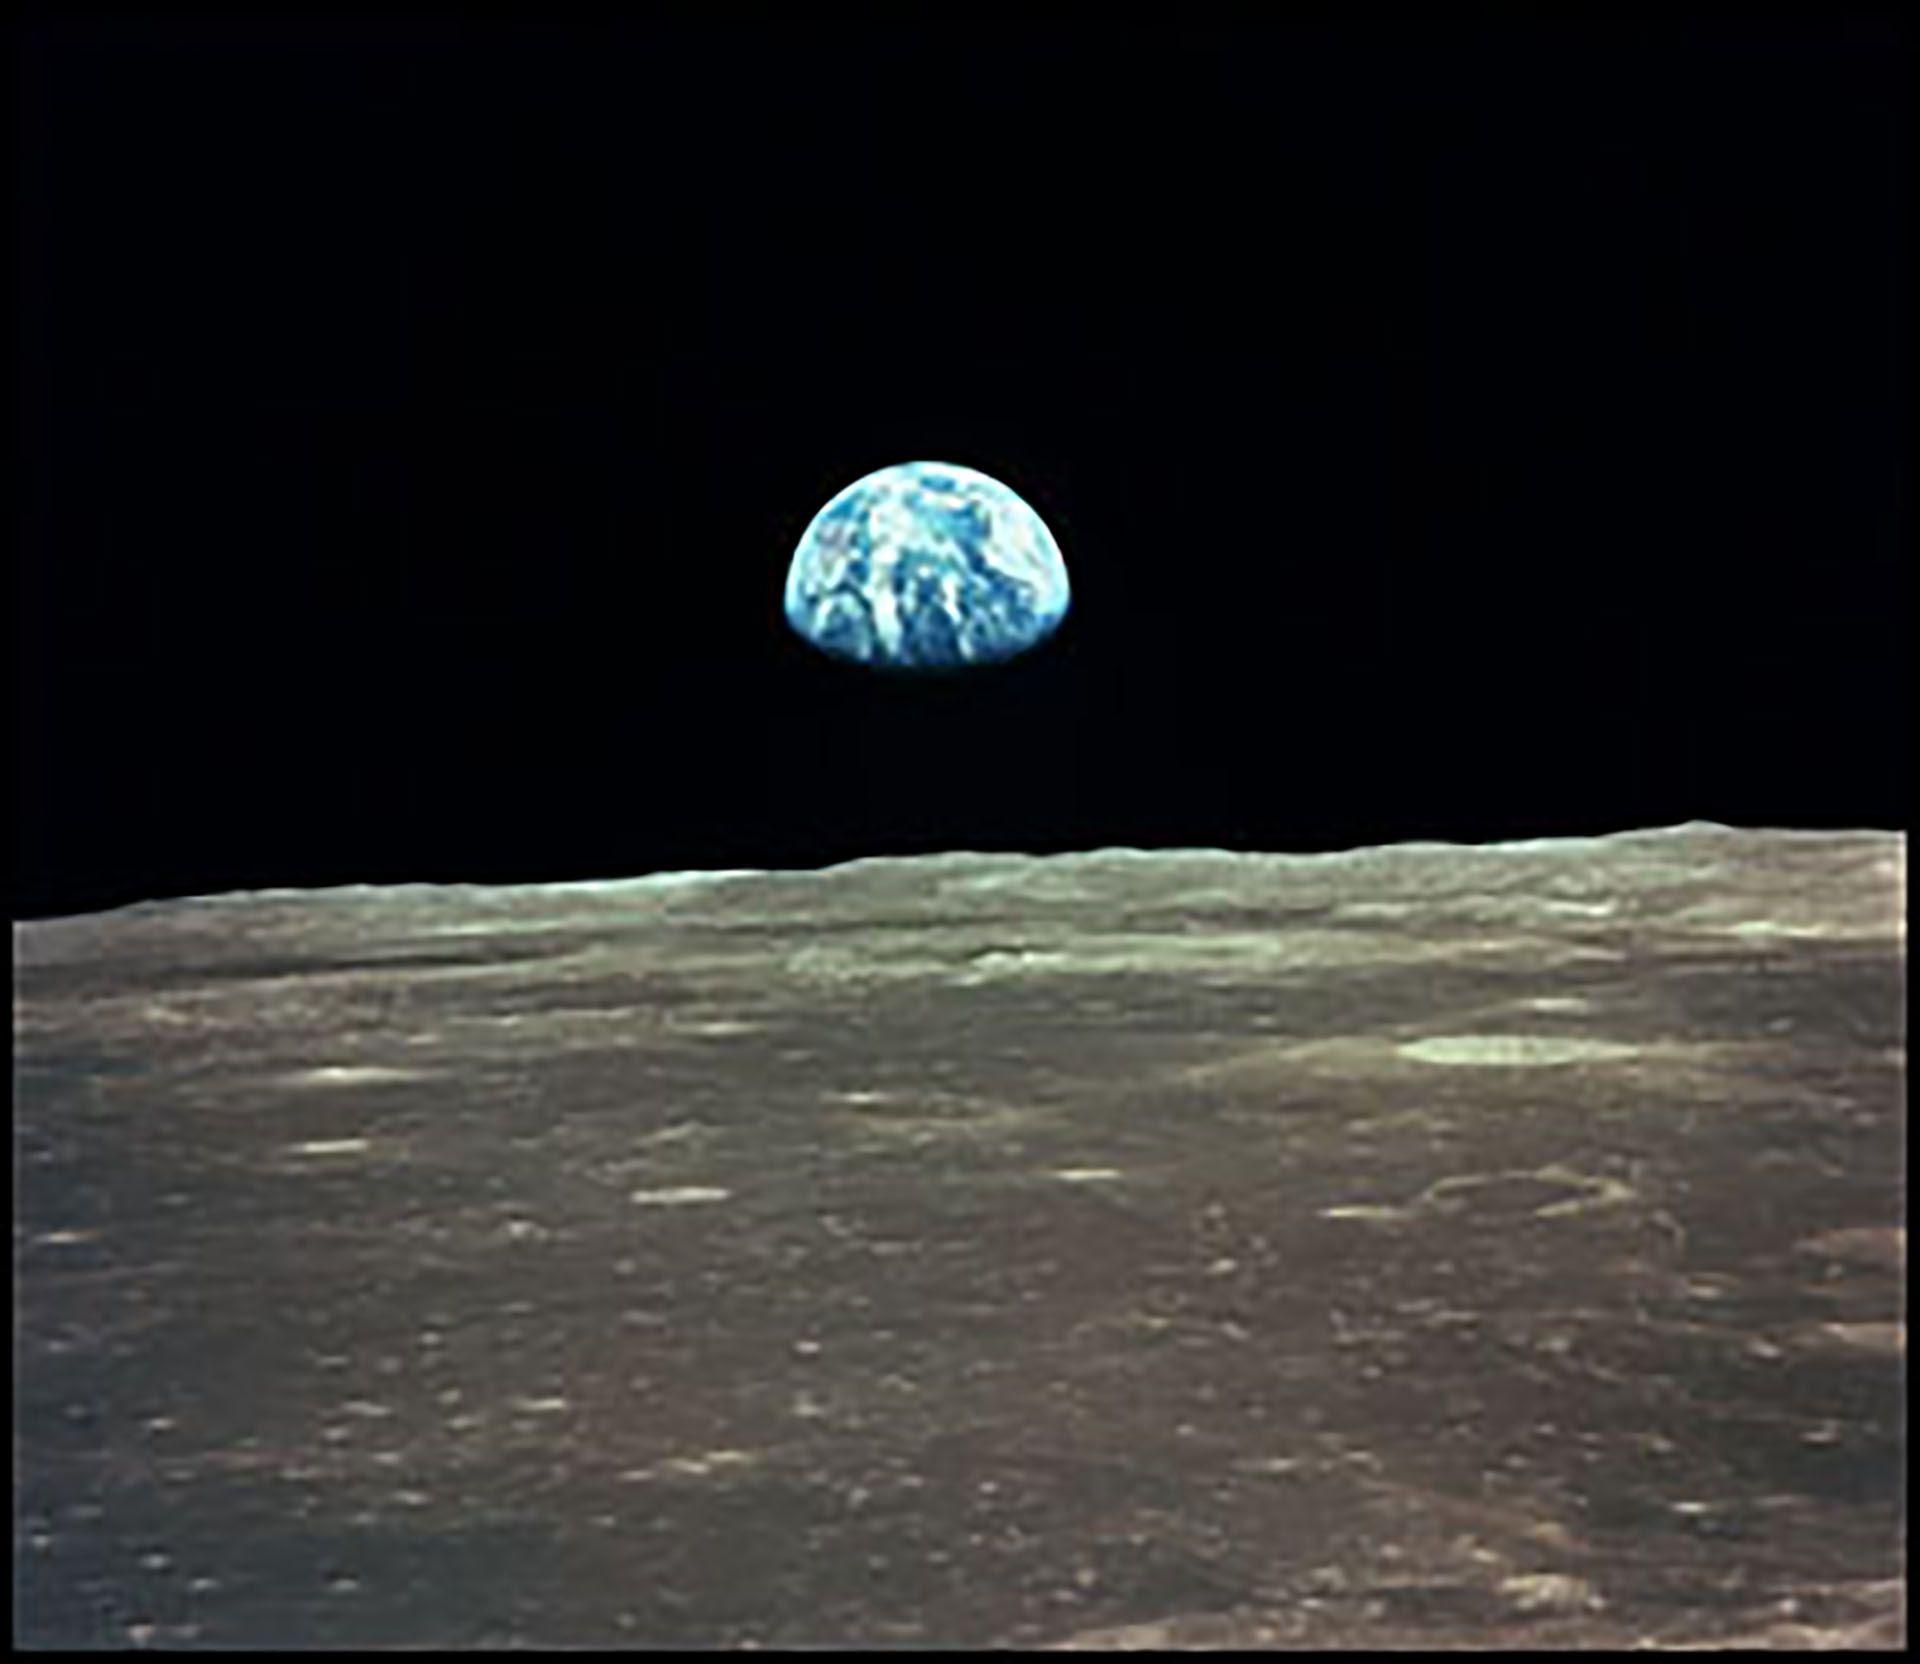 La vista de la Tierra desde la Luna